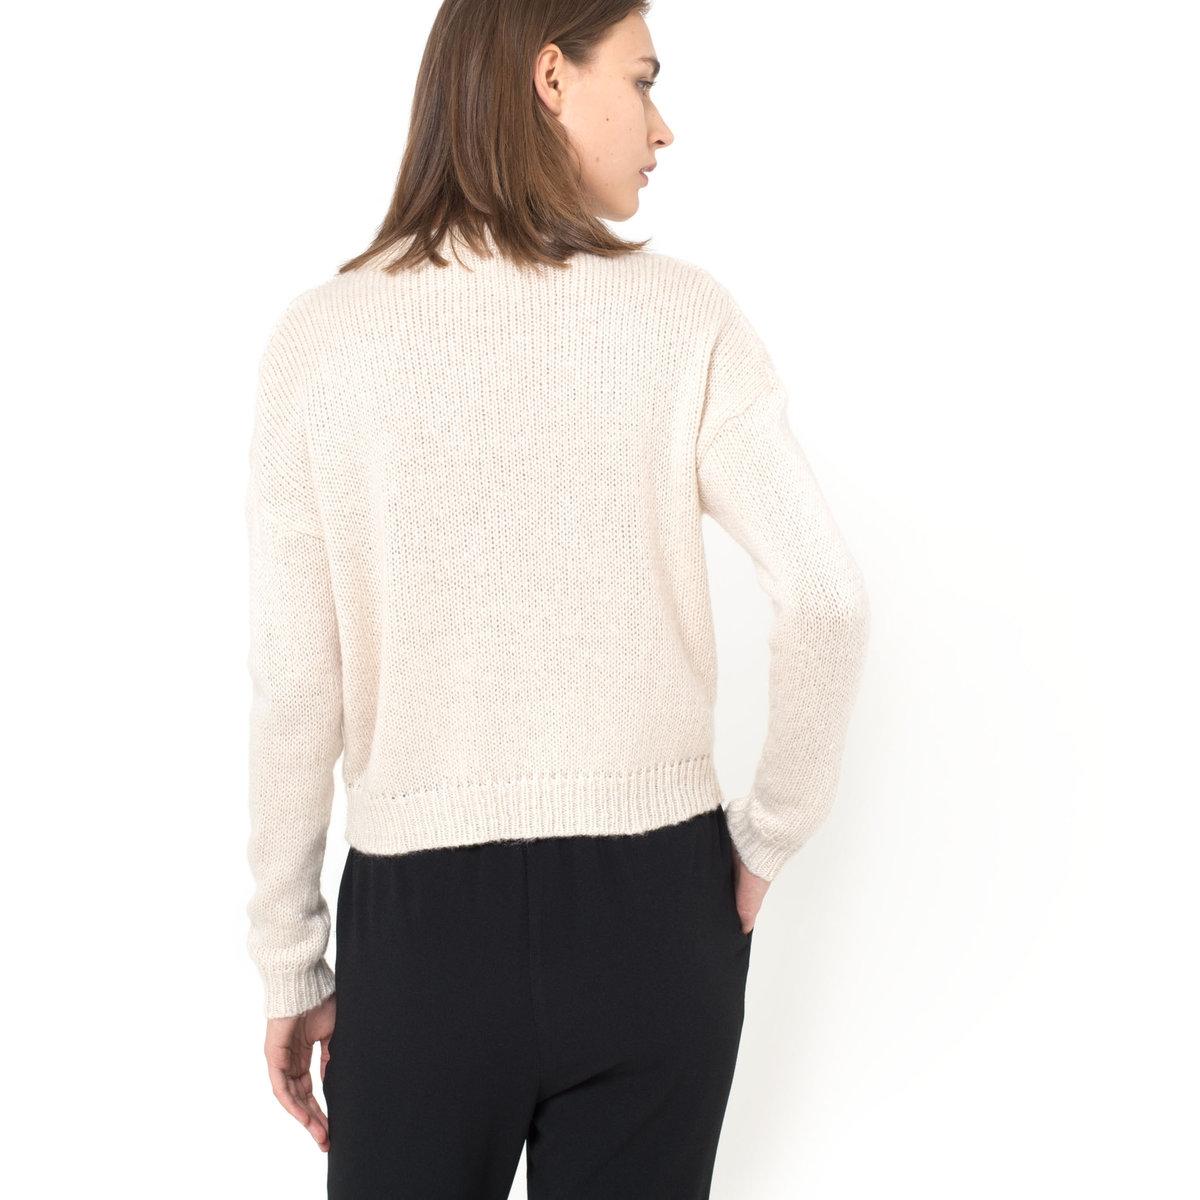 Пуловер короткийПуловер крупной вязки, укороченный. Края низа и рукавов сшиты в рубчик. Круглый вырез . Пуловер, 100% акрила. Длина ок.52 см .<br><br>Цвет: экрю<br>Размер: 50/52 (FR) - 56/58 (RUS)